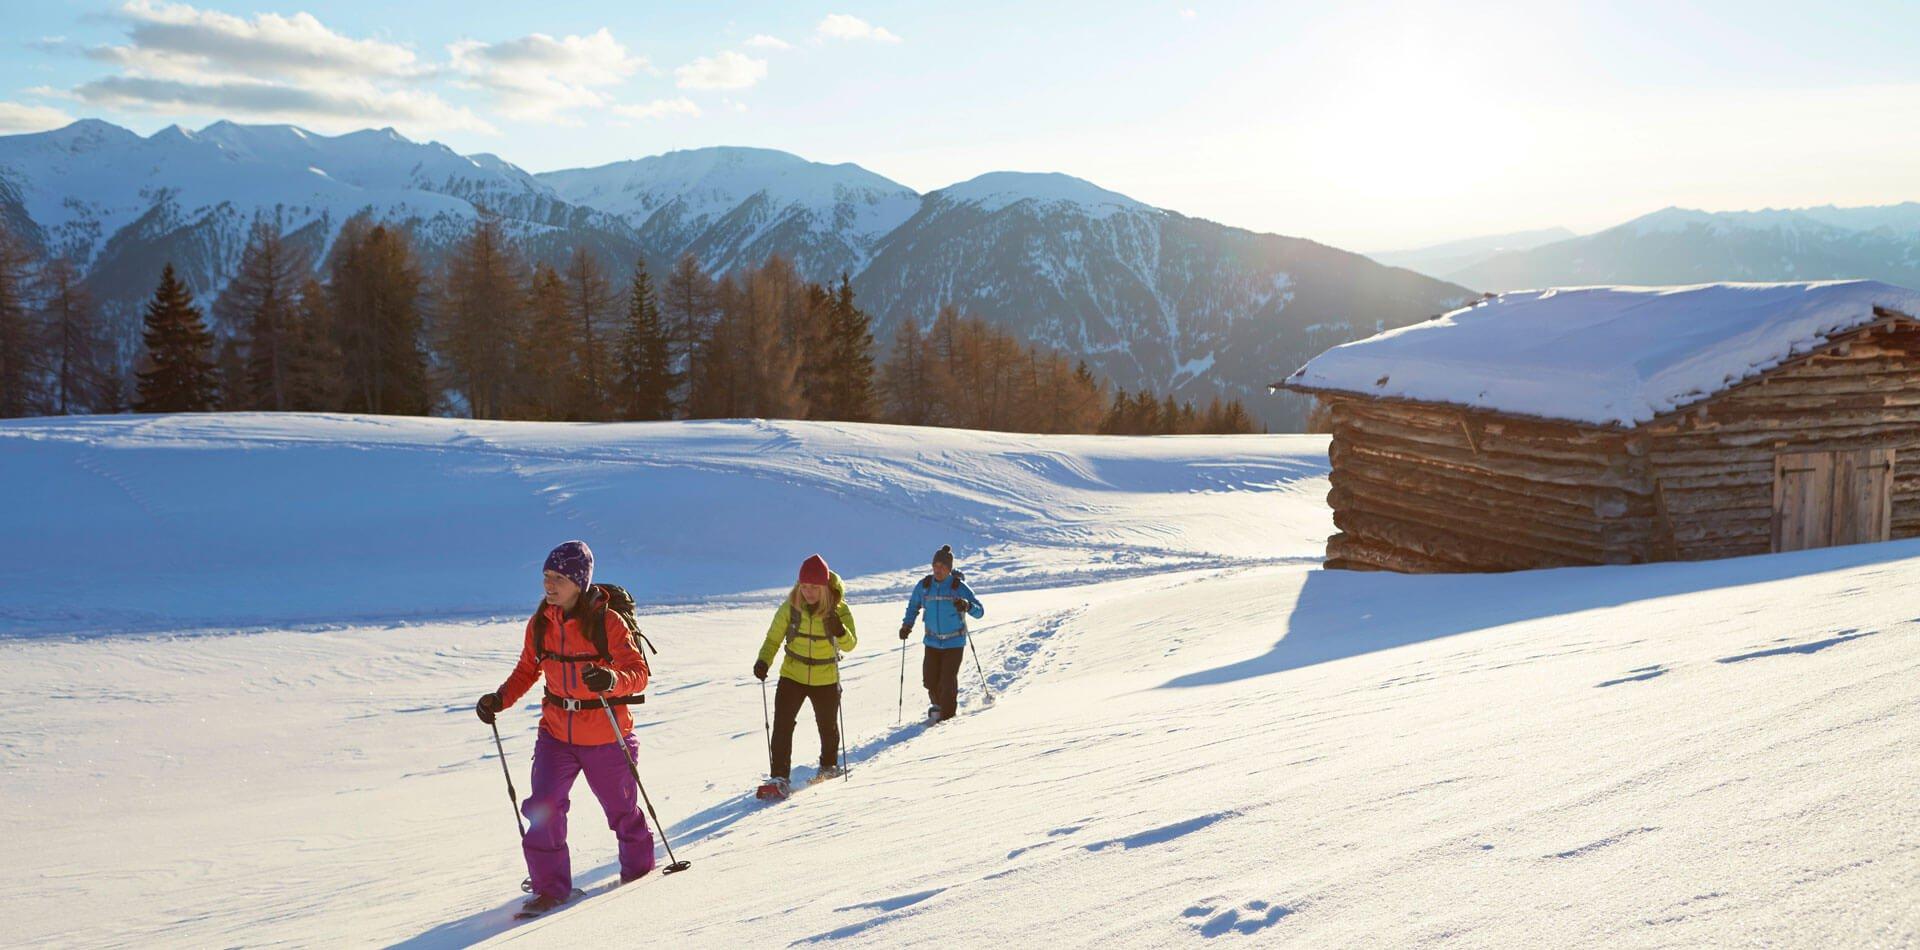 schneehschuhwandern-skigebiet-plose